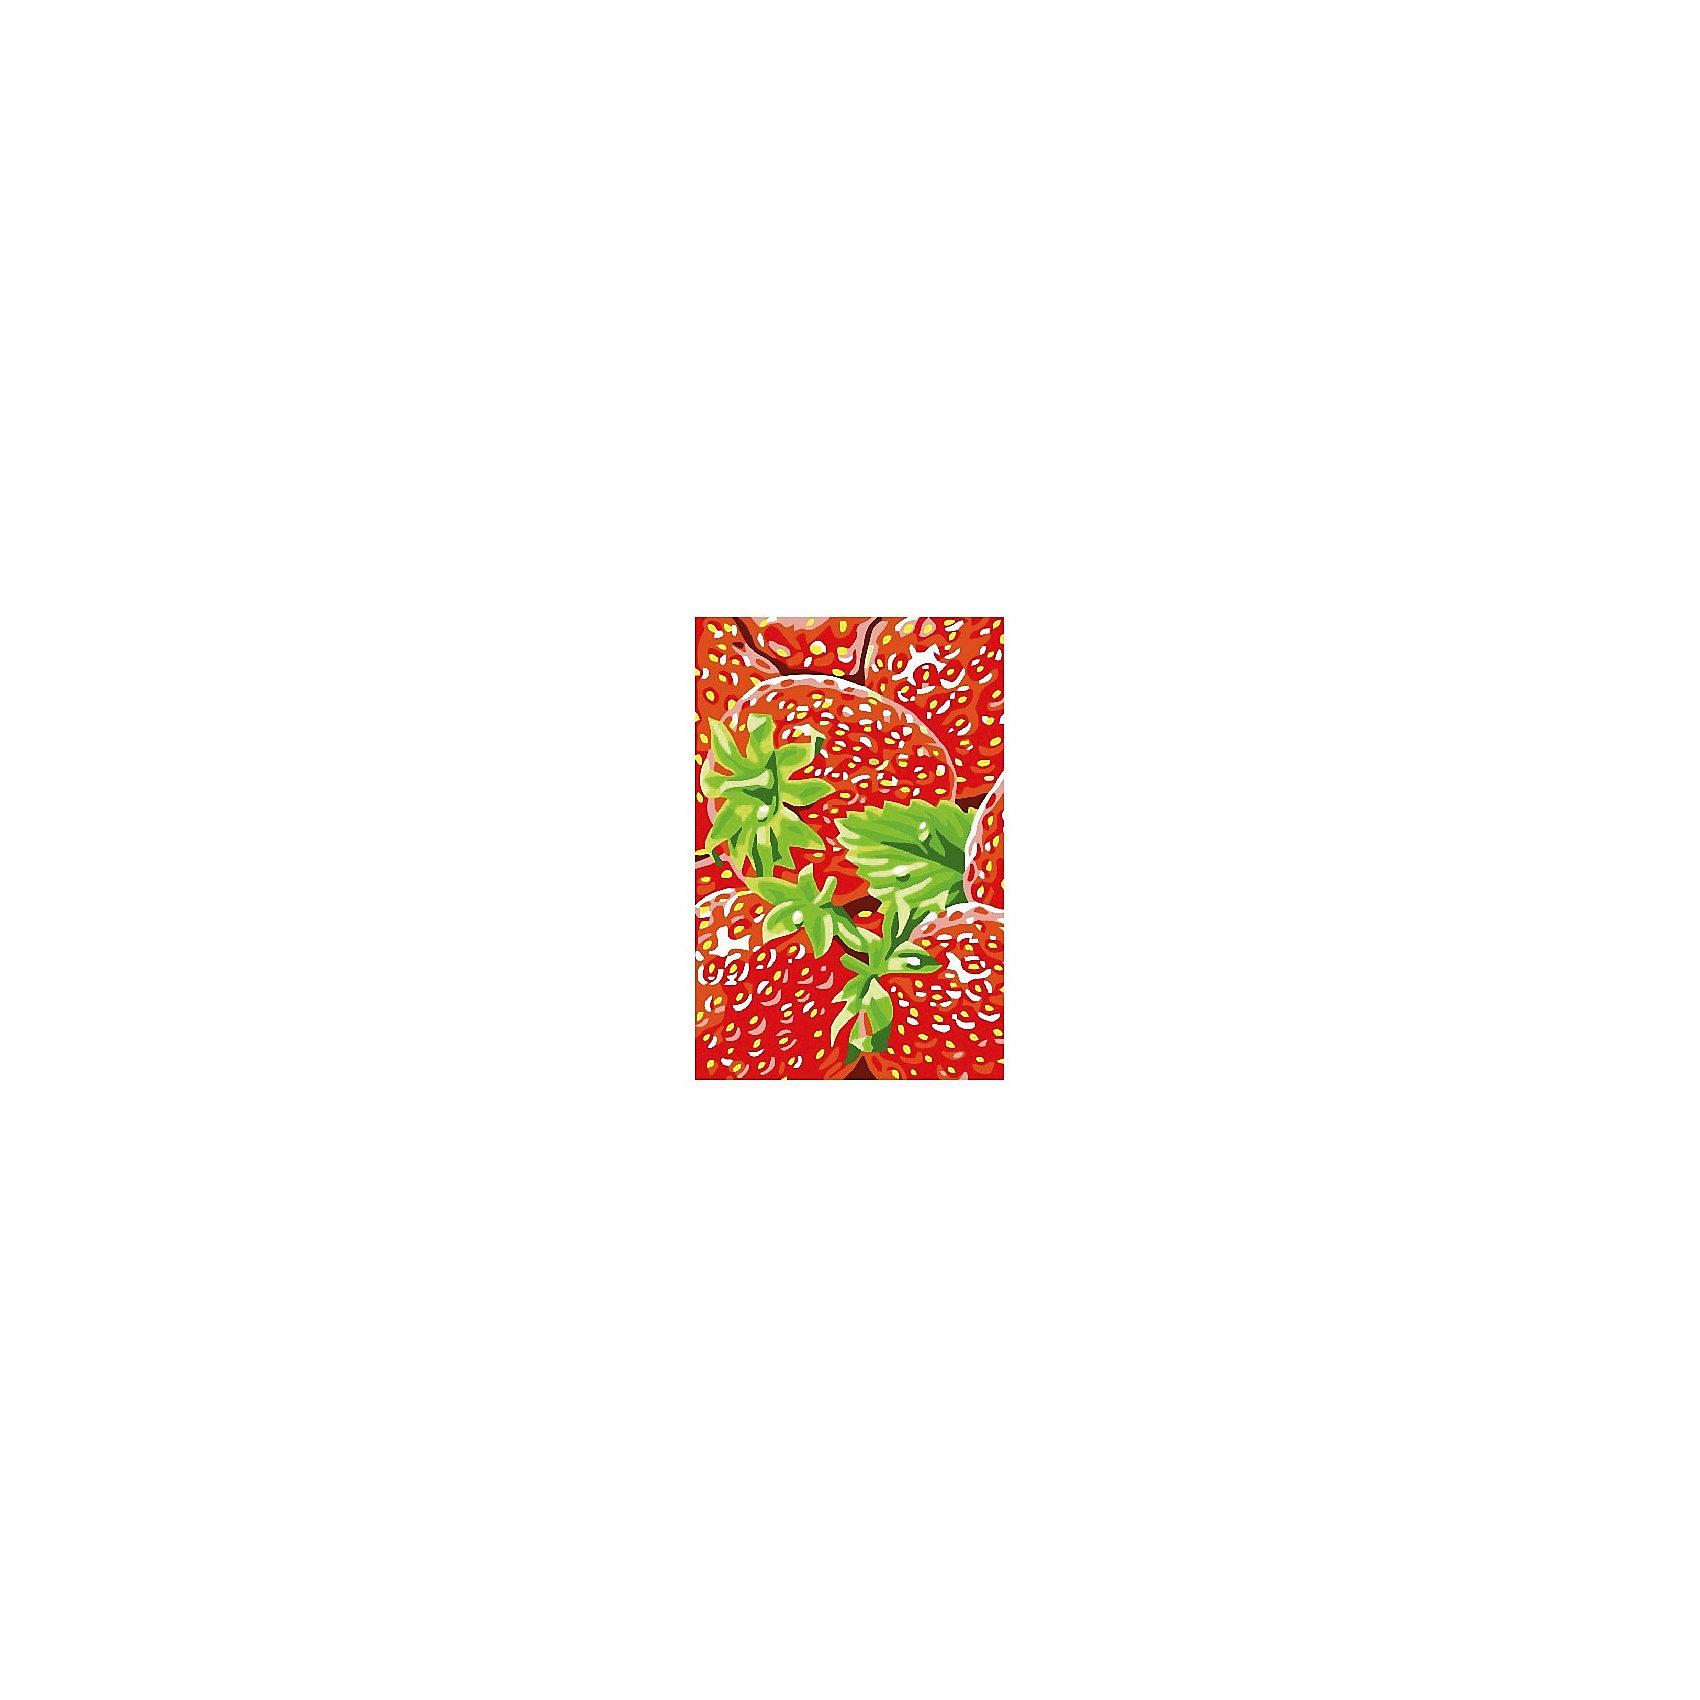 Набор юного художника Клубника, 20*30 смРаскраски по номерам<br>Характеристики товара:<br><br>• материал упаковки: картон <br>• в комплект входит: холст, акриловые краски, 3 кисти<br>• возраст: от 5 лет<br>• вес: 330 г<br>• размер картинки: 20х30 см<br>• габариты упаковки: 30х20х3 см<br>• страна производитель: Китай<br><br>Картины по номерам совсем недавно появились на рынке, но уже успели завоевать популярность. Закрашивая черно-белые места на картинке, ребенок получит полноценную картину и опыт художественного мастерства. Материалы, использованные при изготовлении товаров, проходят проверку на качество и соответствие международным требованиям по безопасности. <br><br>Набор юного художника Клубника, 20*30 см можно купить в нашем интернет-магазине.<br><br>Ширина мм: 300<br>Глубина мм: 200<br>Высота мм: 30<br>Вес г: 330<br>Возраст от месяцев: 60<br>Возраст до месяцев: 2147483647<br>Пол: Унисекс<br>Возраст: Детский<br>SKU: 5417631